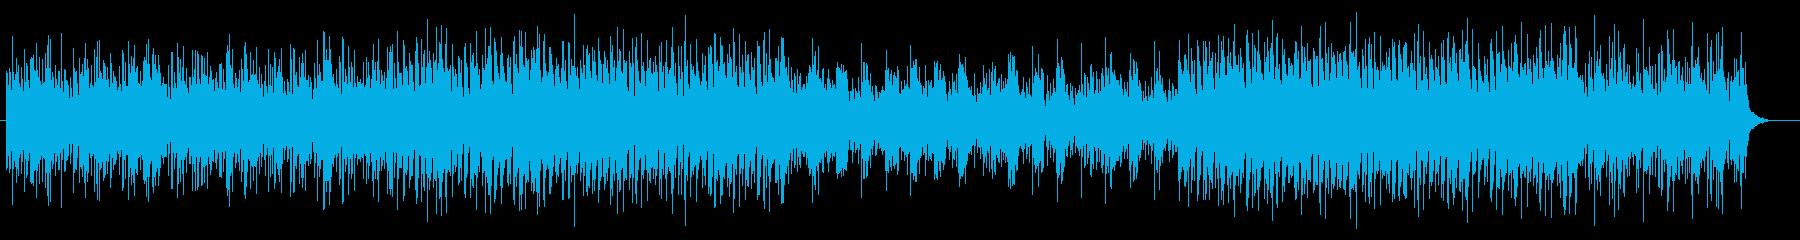 近未来や宇宙感のあるシンセサイザーテクノの再生済みの波形